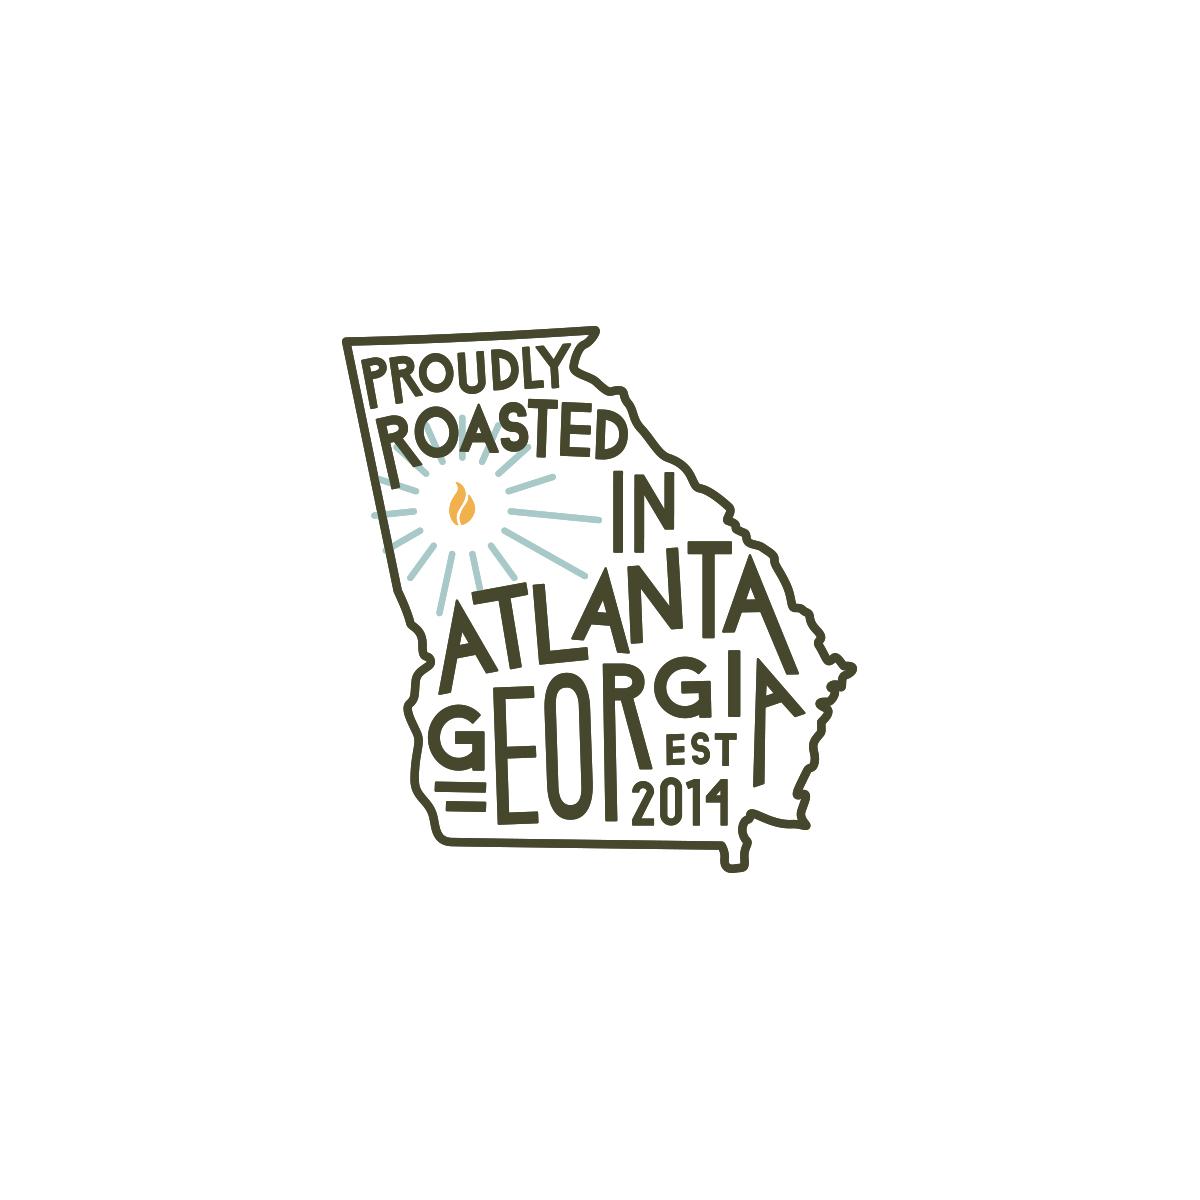 Georgia coffee roaster custom illustration